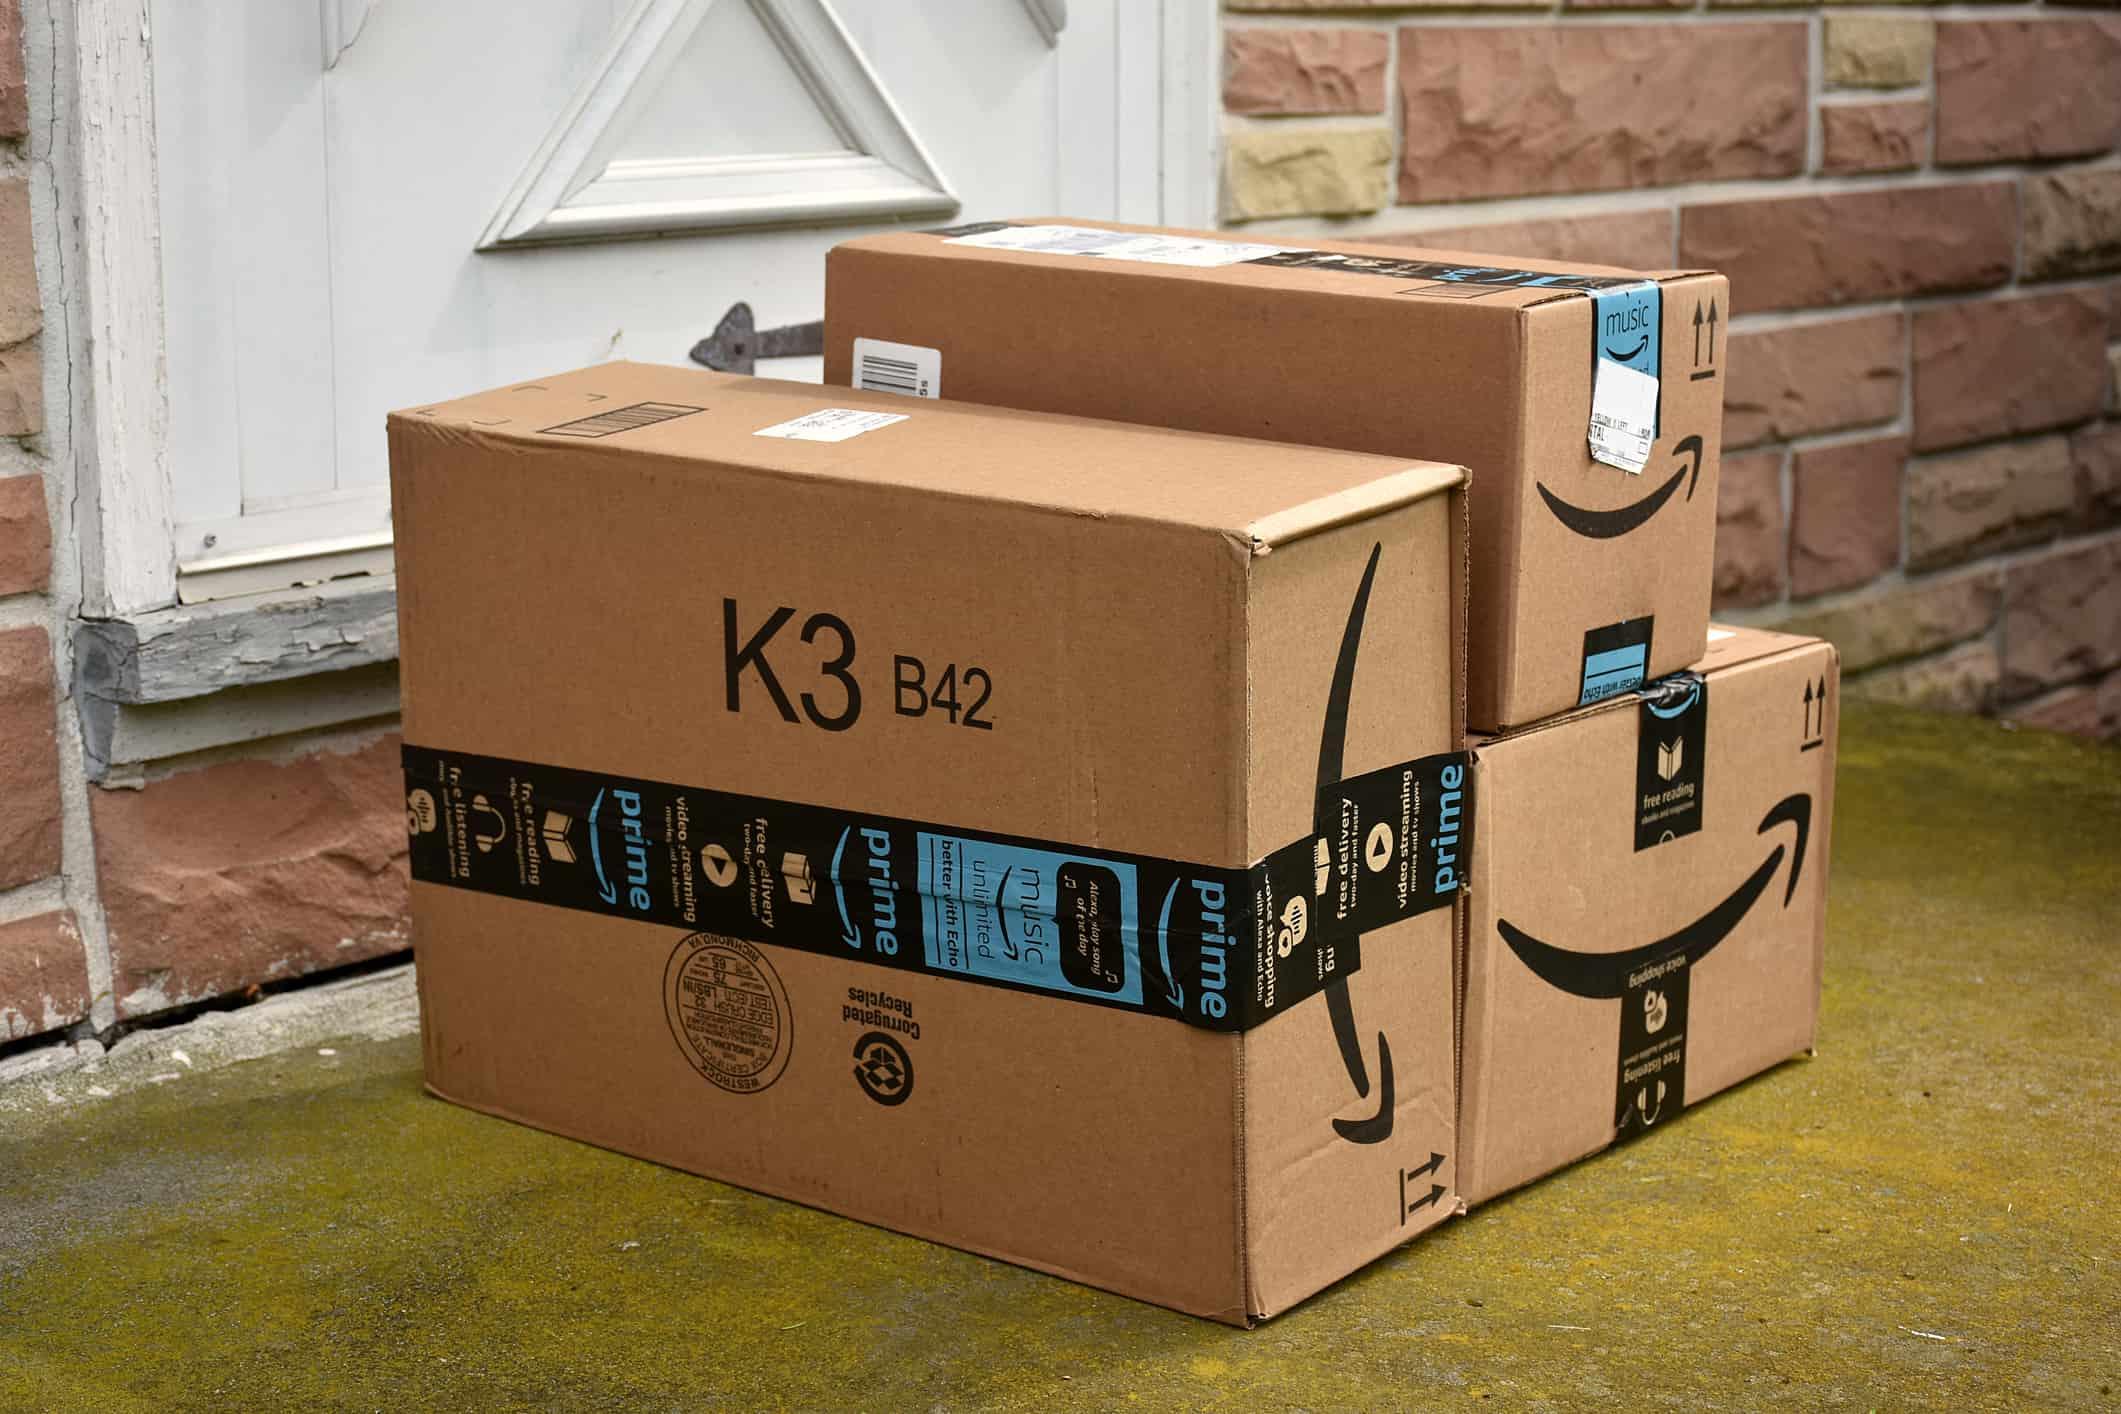 amazon packages left on door step